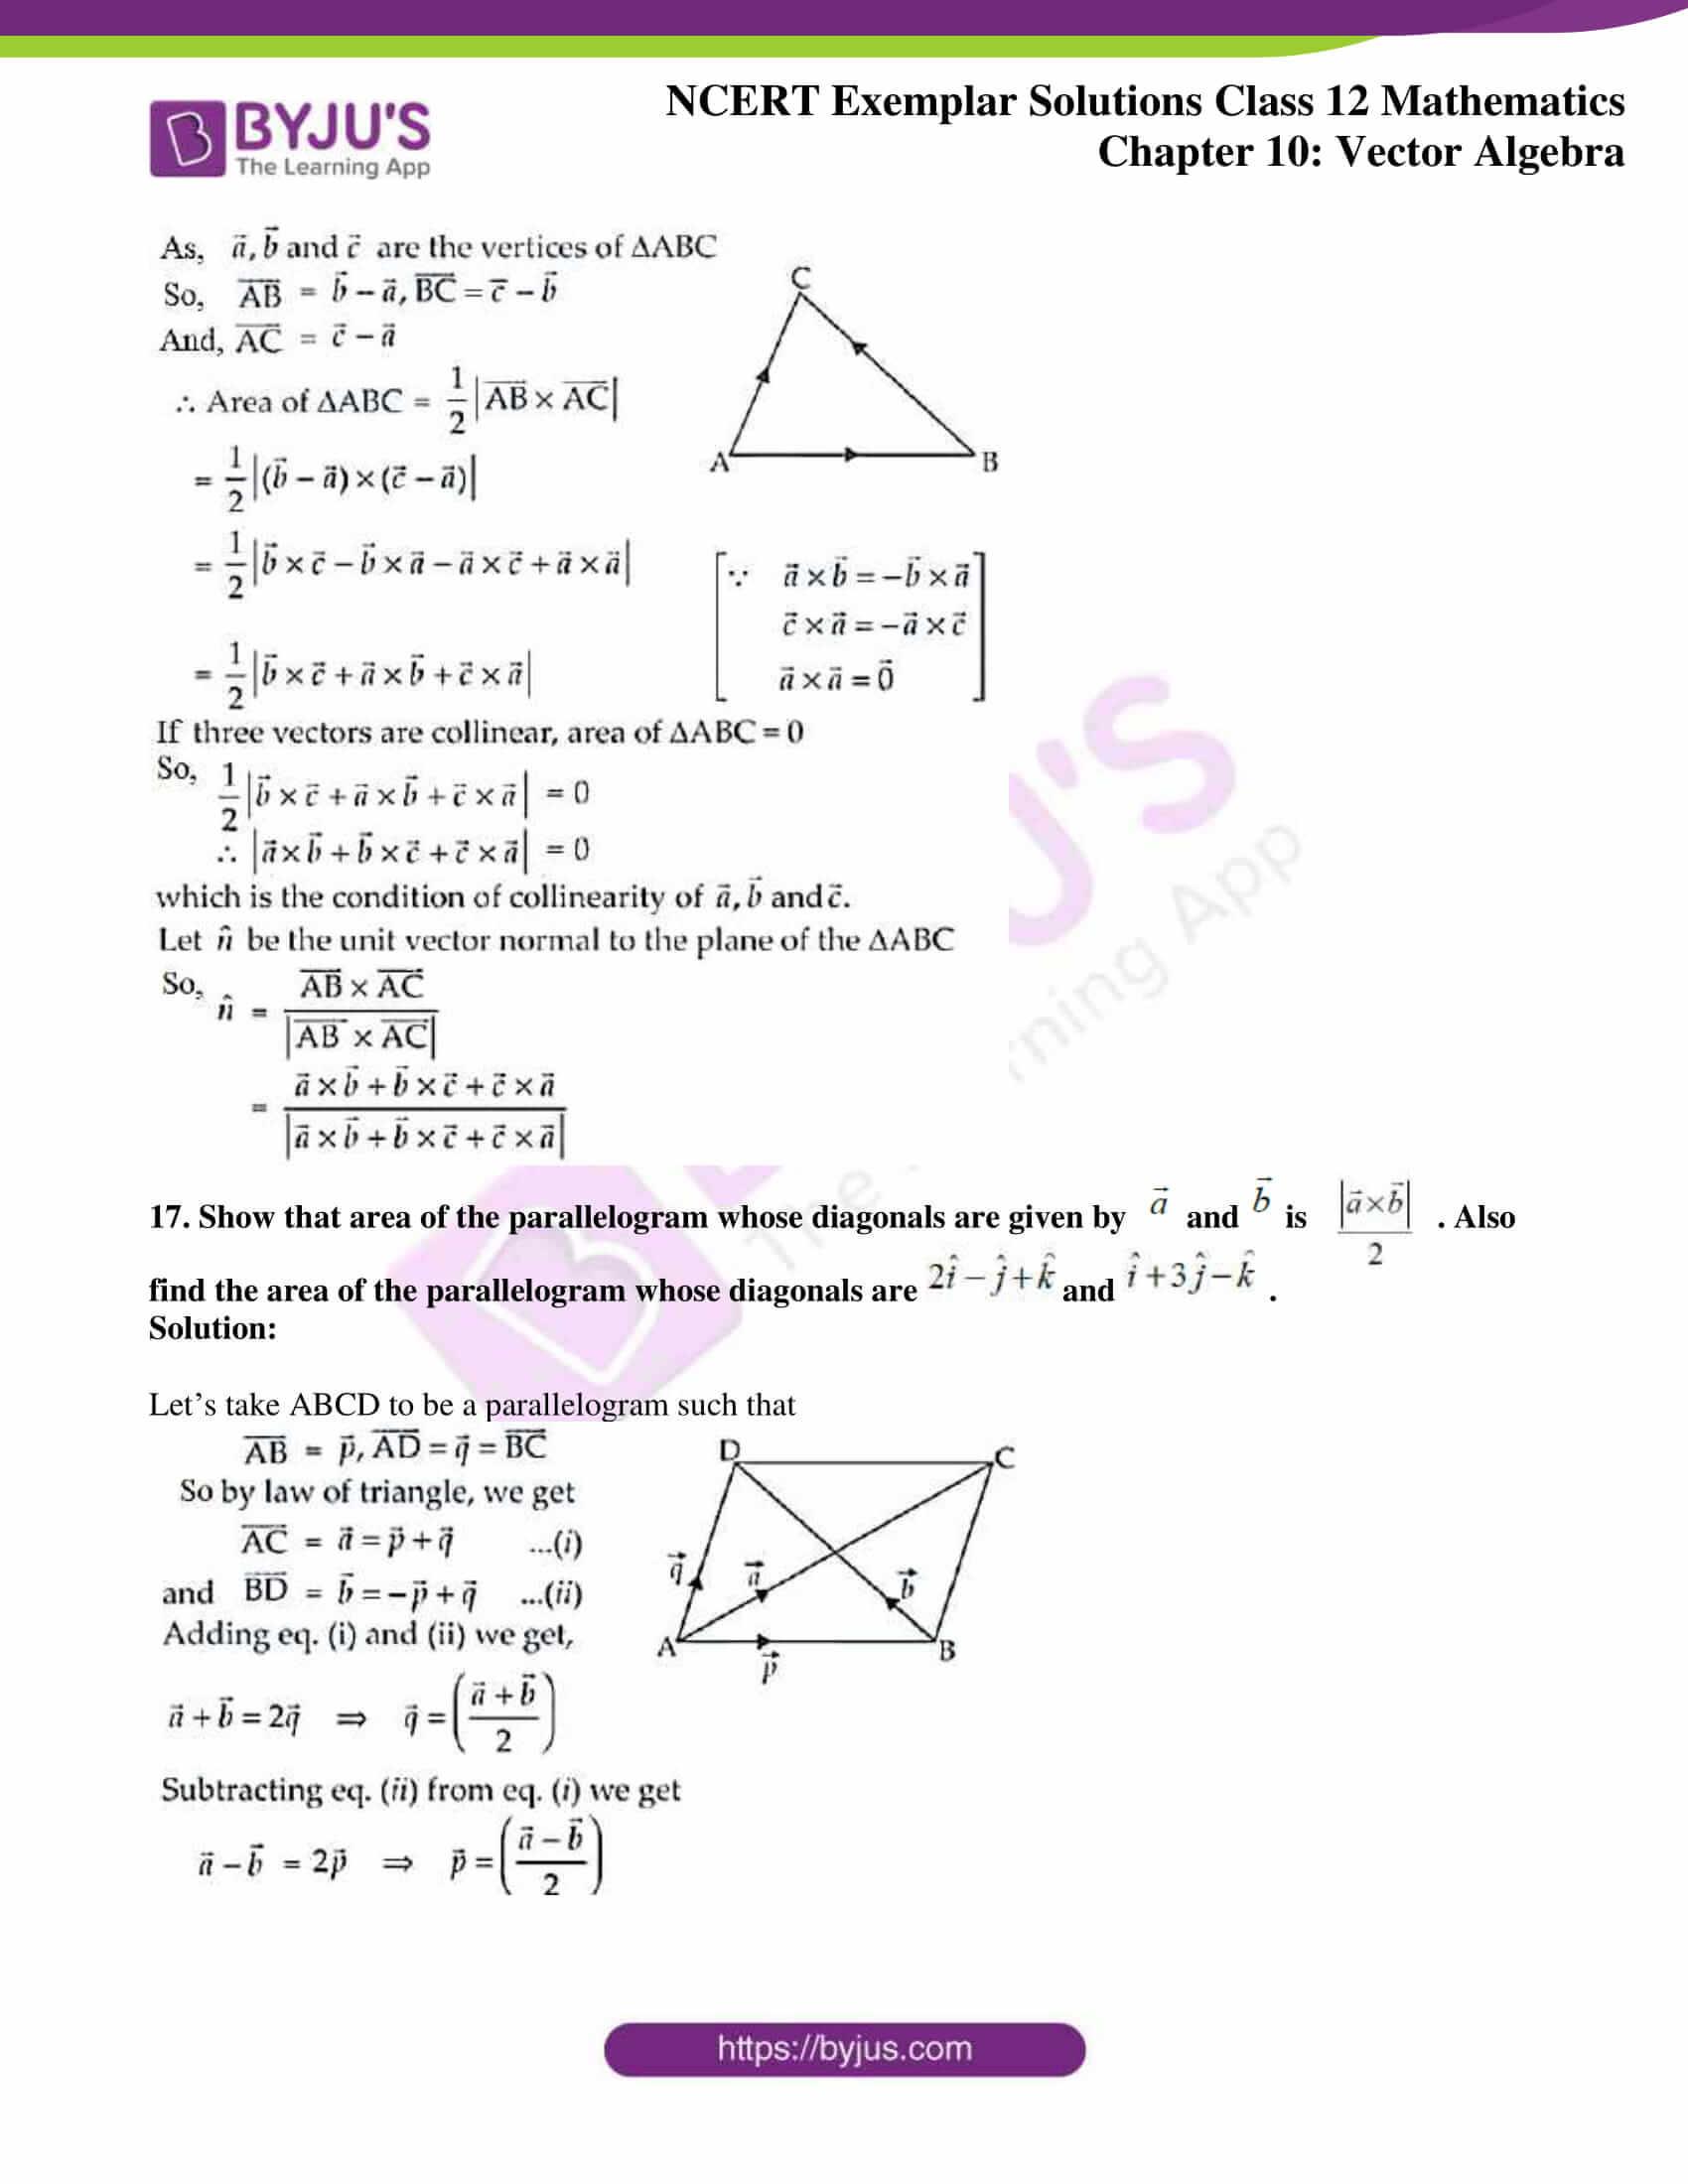 ncert exemplar sol class 12 mathematics ch 10 09